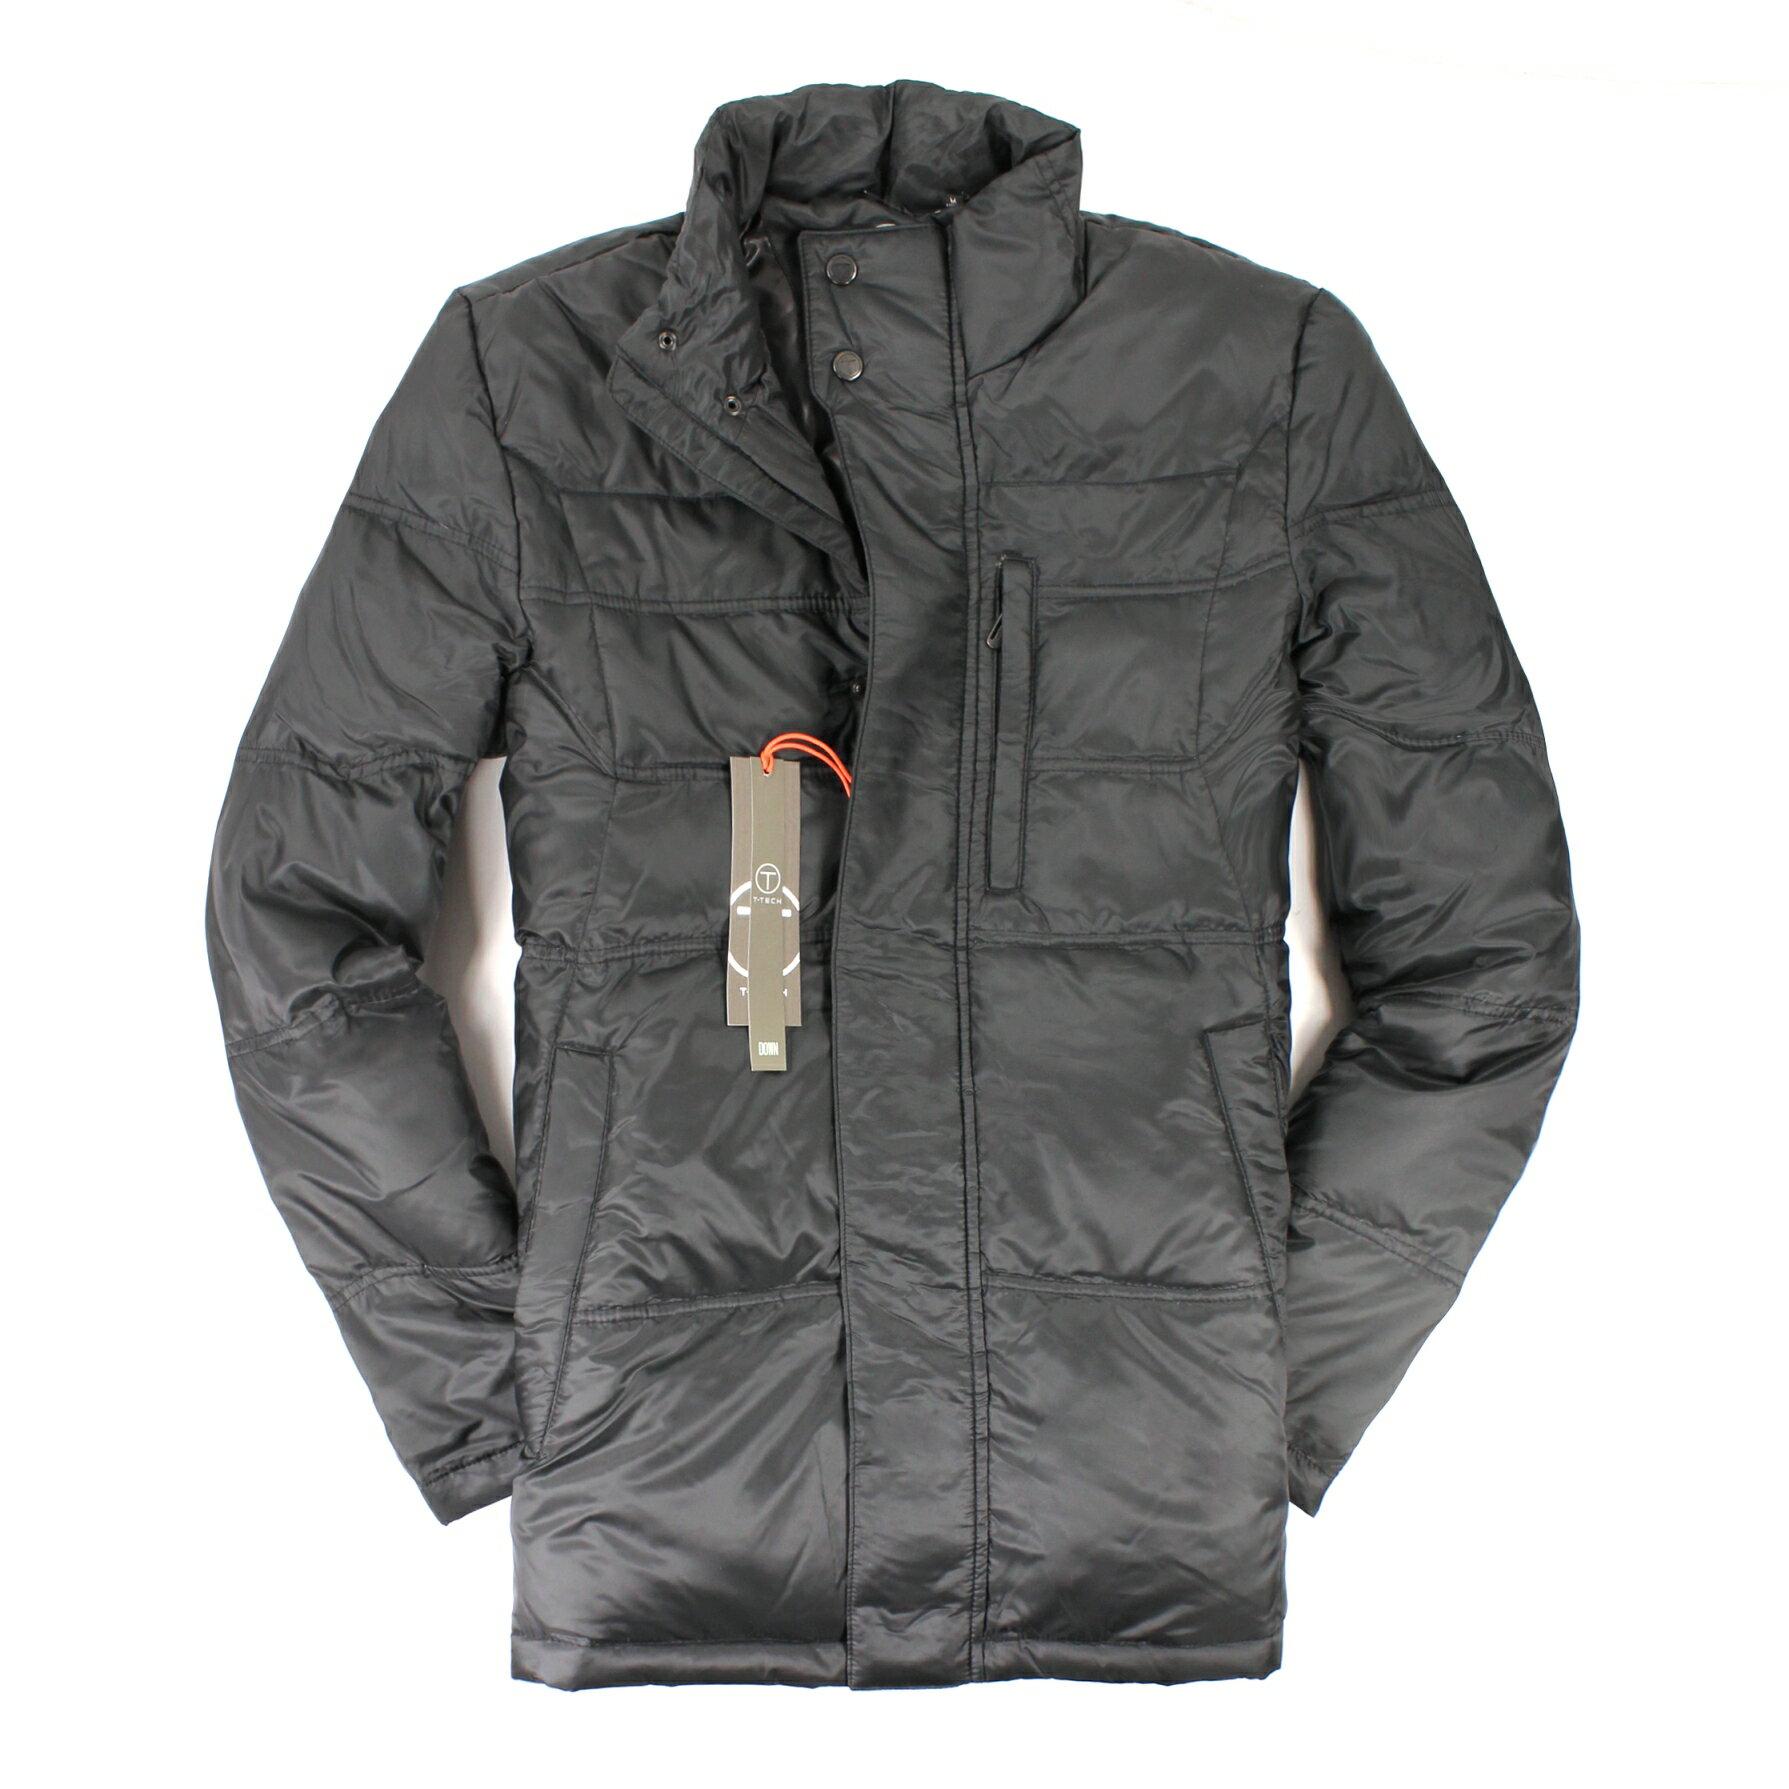 美國百分百【全新真品】TUMI 外套 羽絨外套 夾克 T-TECH 黑色 防風 立領 輕巧 保暖 男 M號